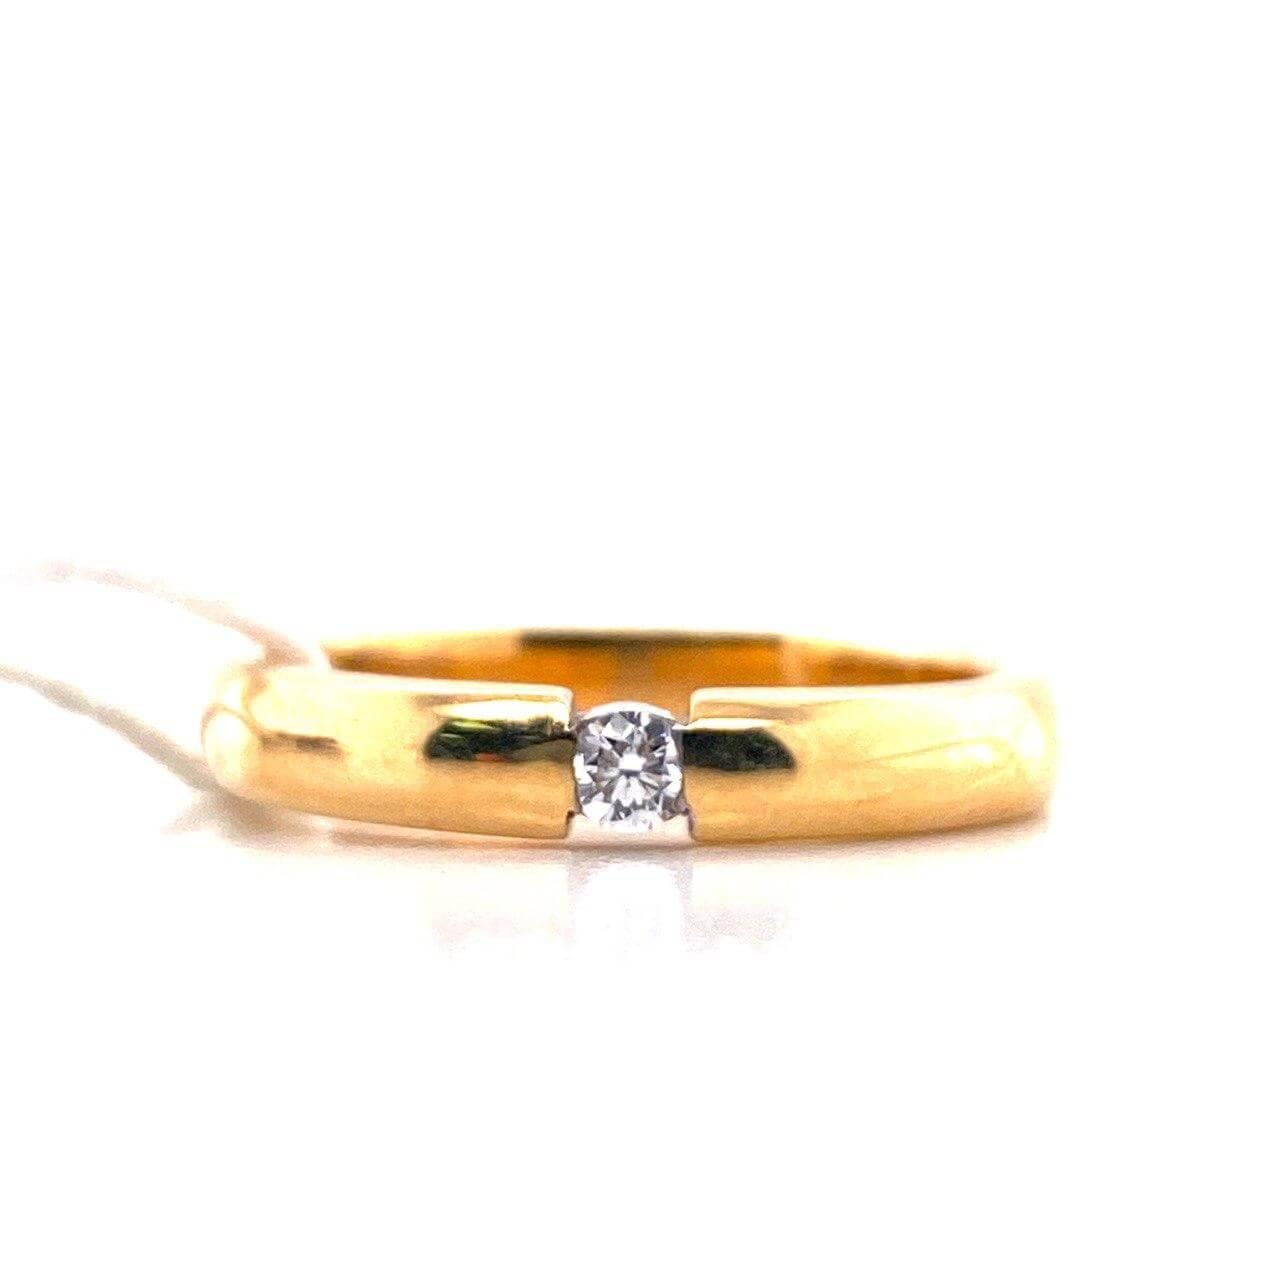 Обручальное кольцо из лимонного золота с бриллиантом арт. г6090 г6090